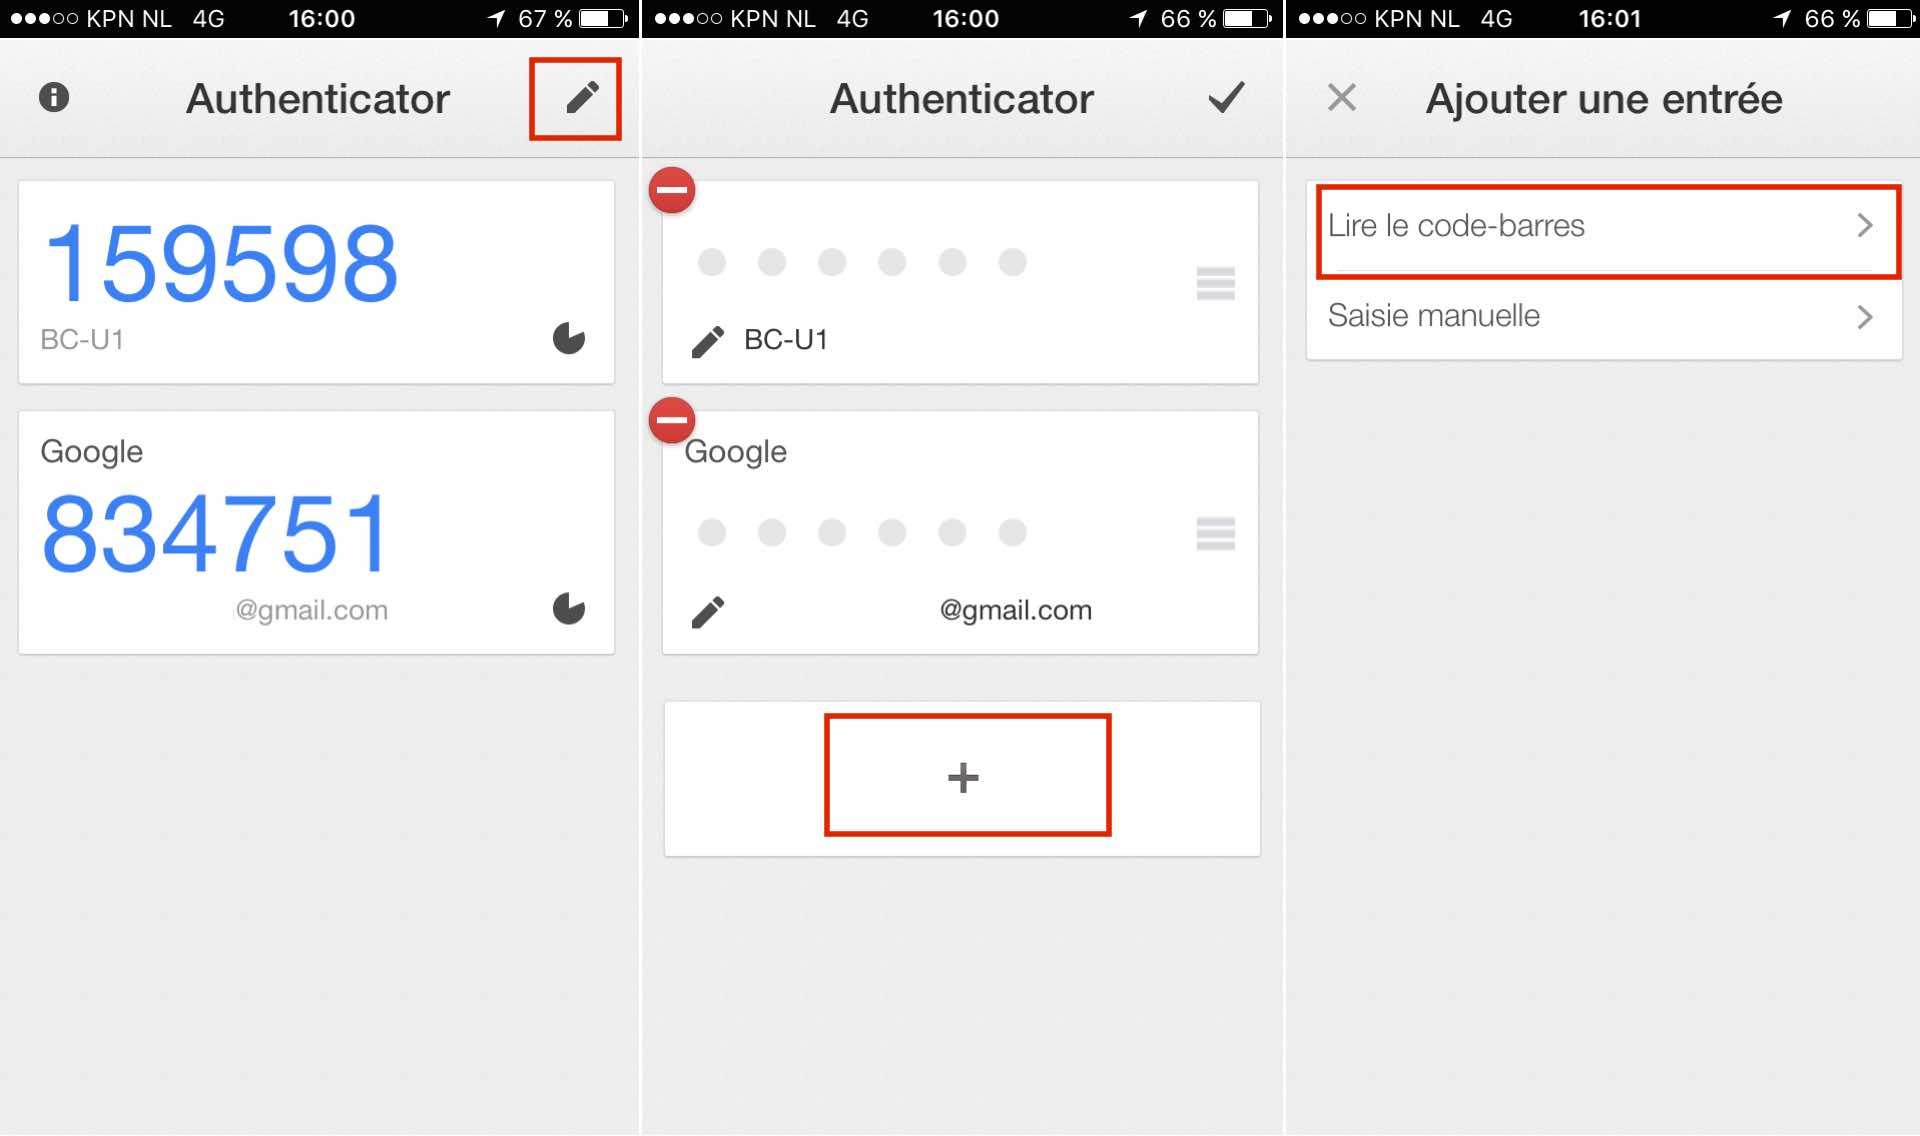 Googe authenticator ajouter Facebook activer double authentification : comment activer la double authentification pour plus de sécurité